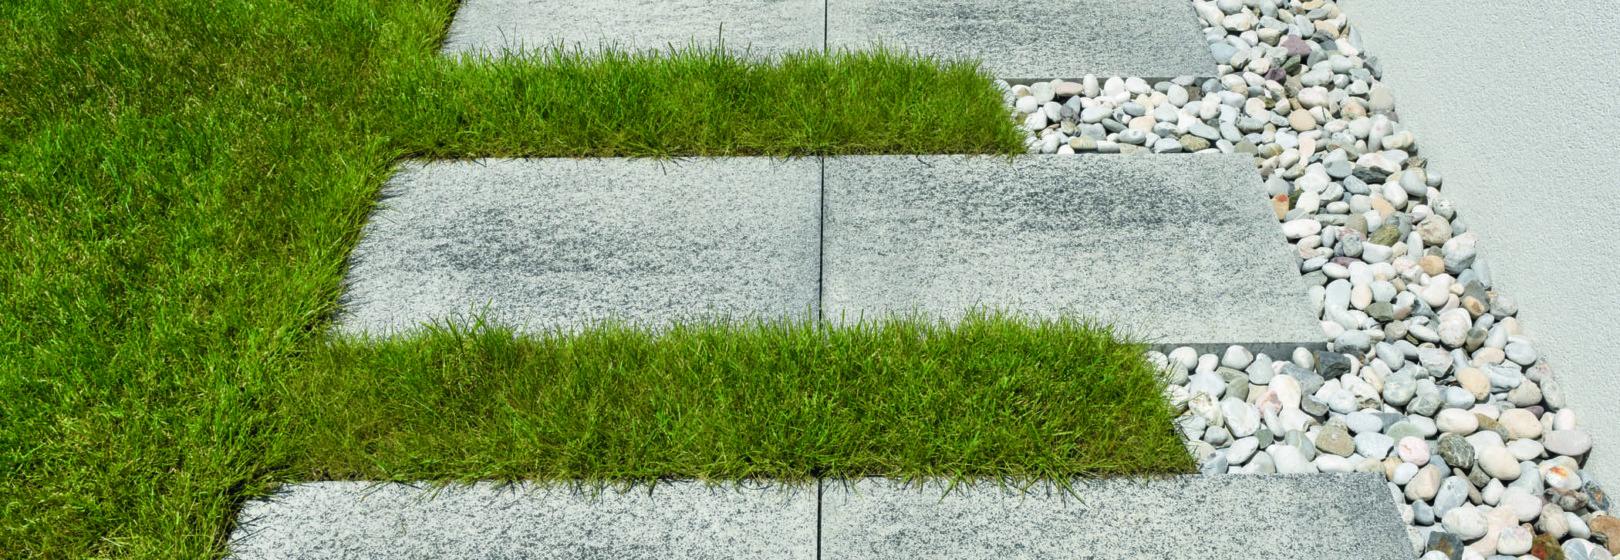 ściezka z kostek ułożona w trawniku